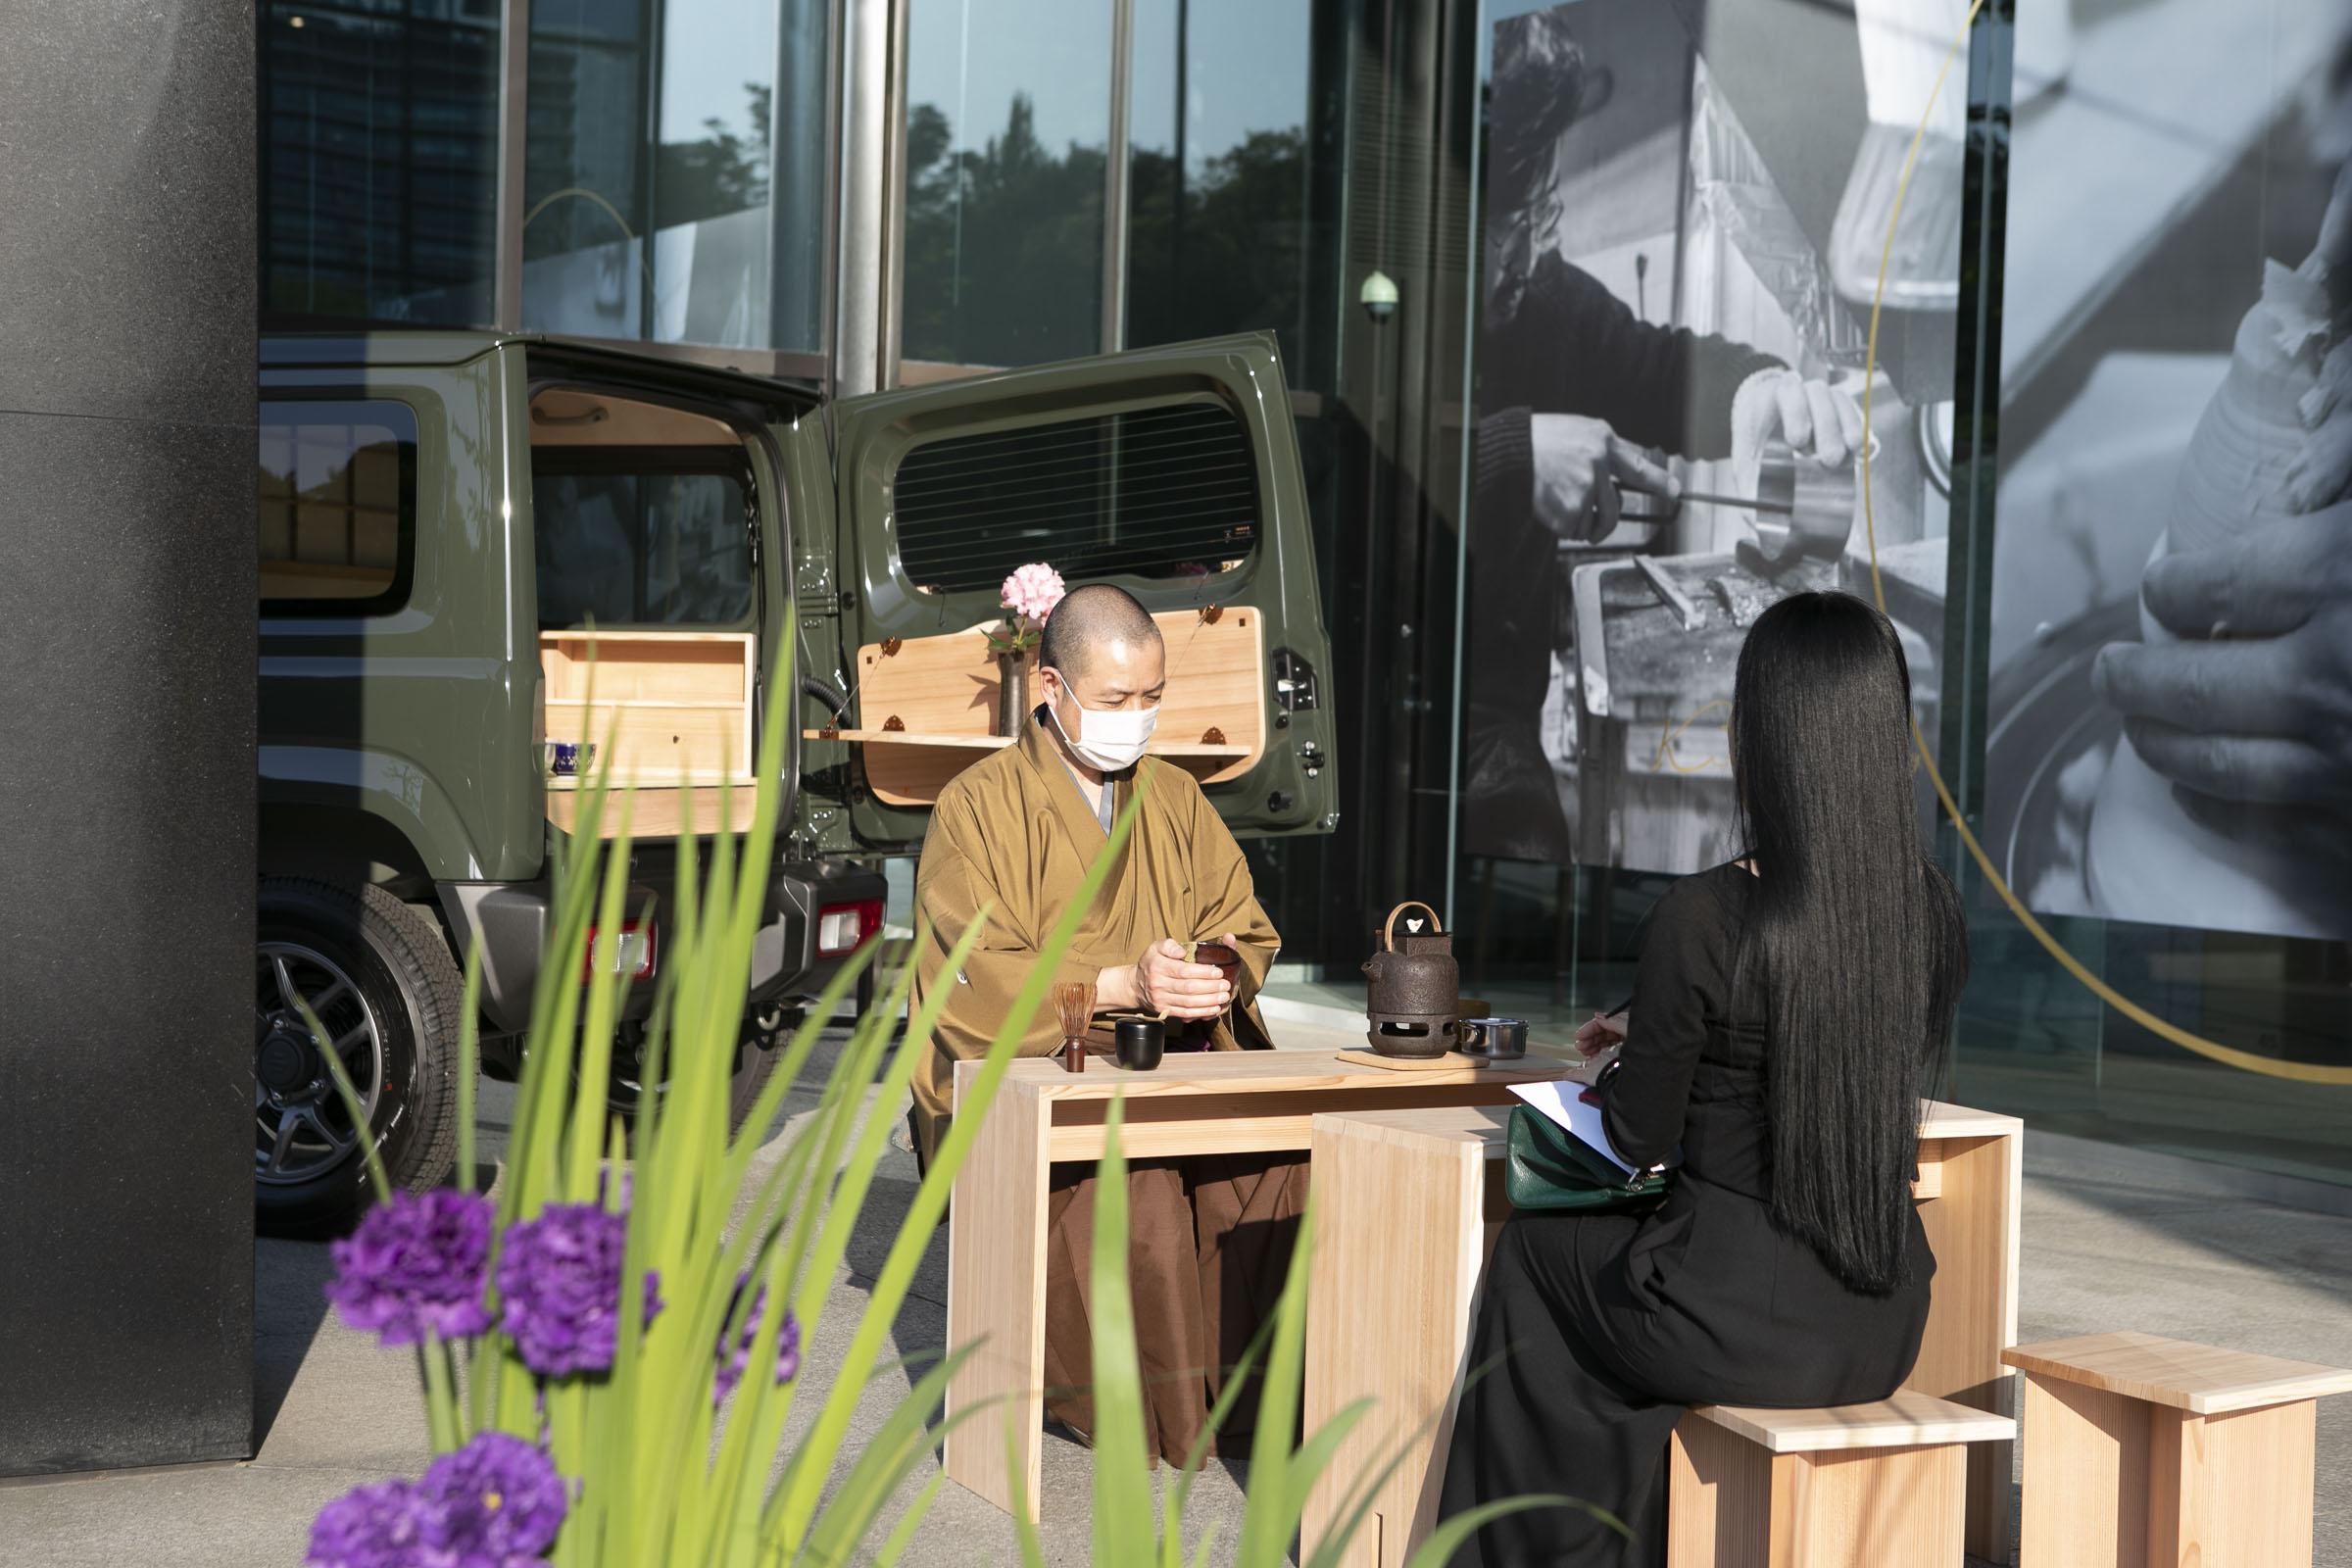 「ジムニー『動く茶室』」を実際に使用し東京の都心で野点をお楽しみいただきました。